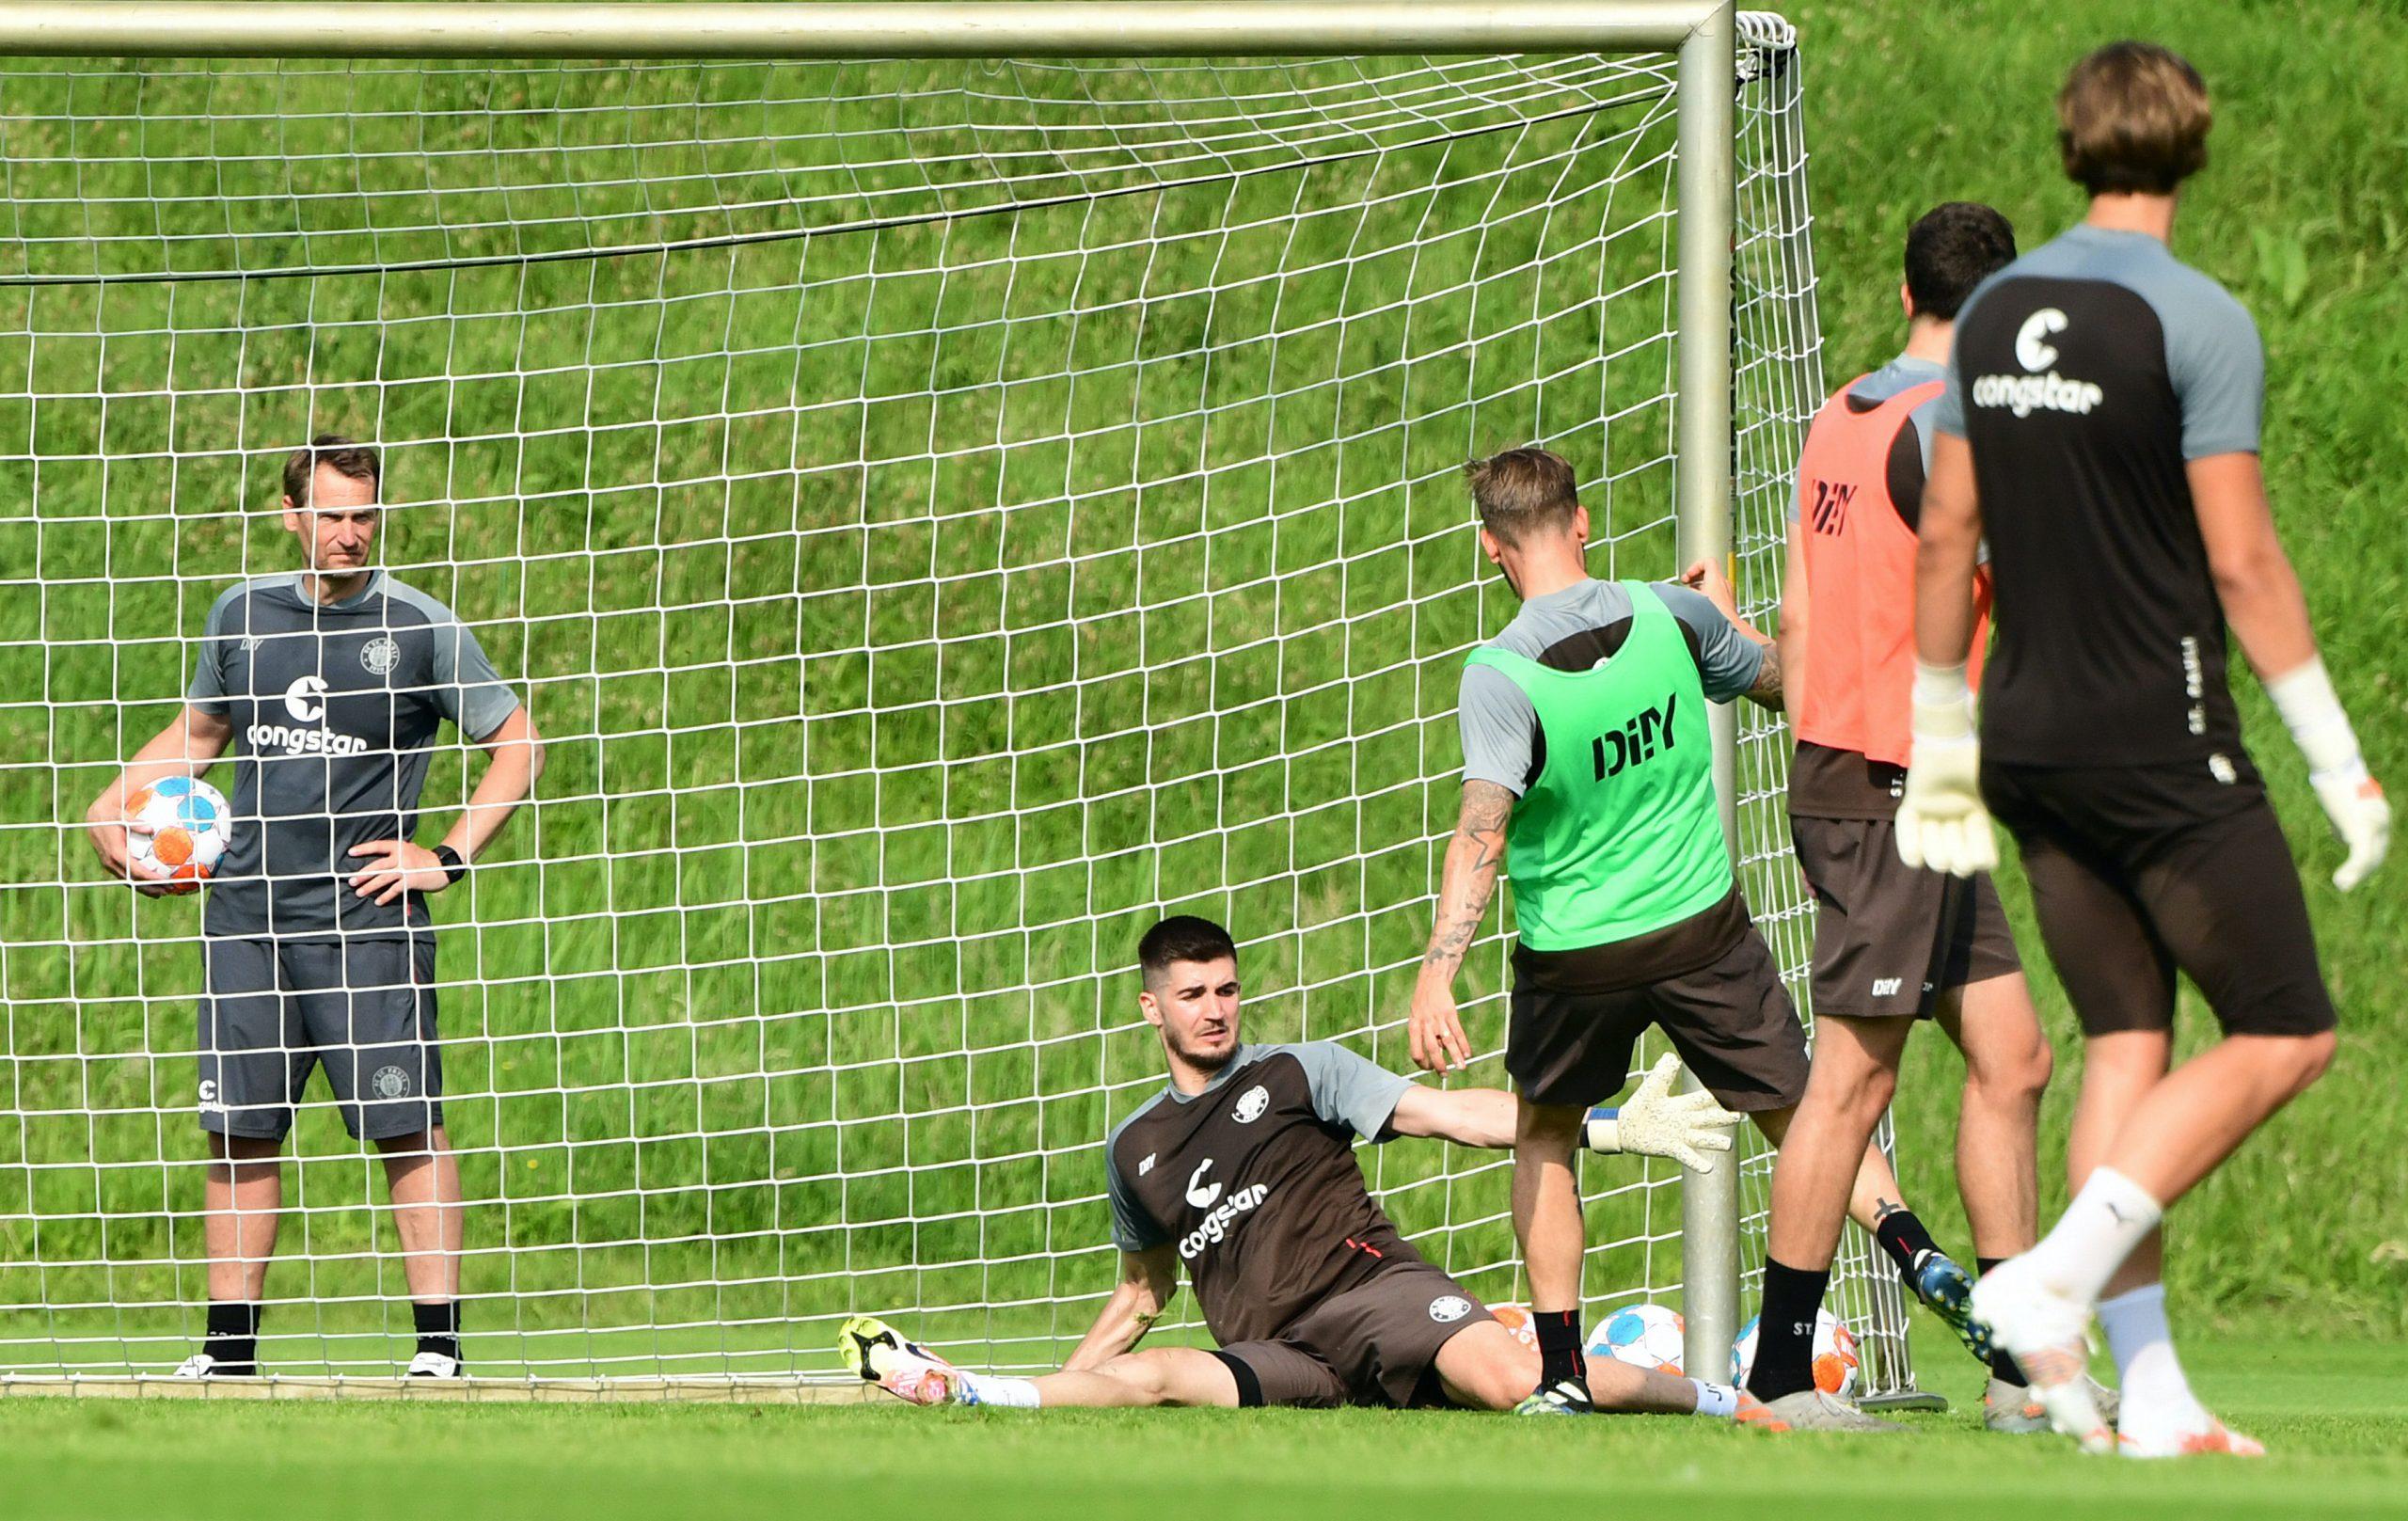 Keeper Nikola Vasilj (liegend) bekam bereits die Chance, sich zu beweisen – und allerlei Lob von Torwart-Trainer Mathias Hain (l.).